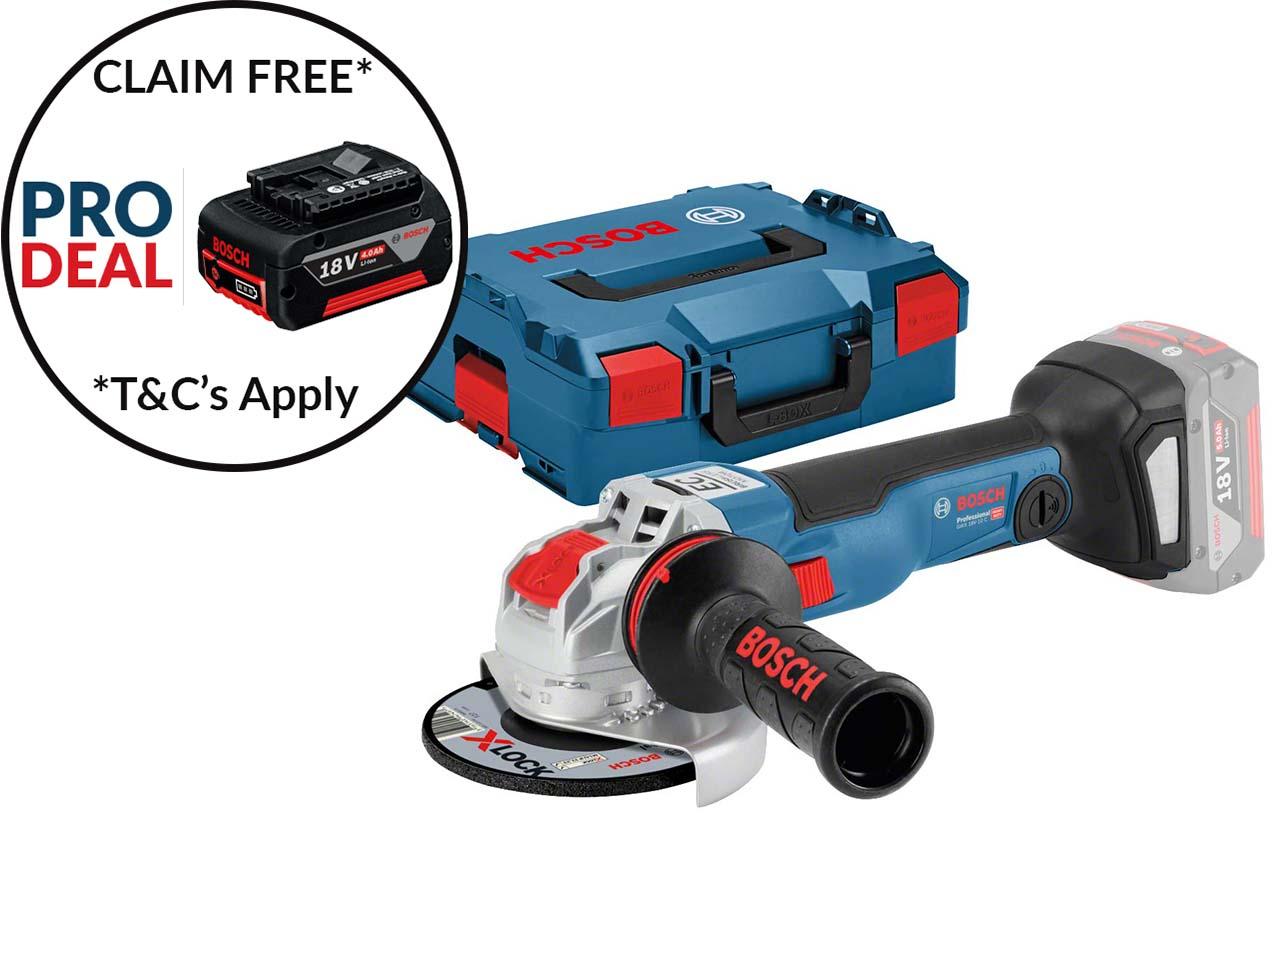 Bosch_06017B0200v2.jpg